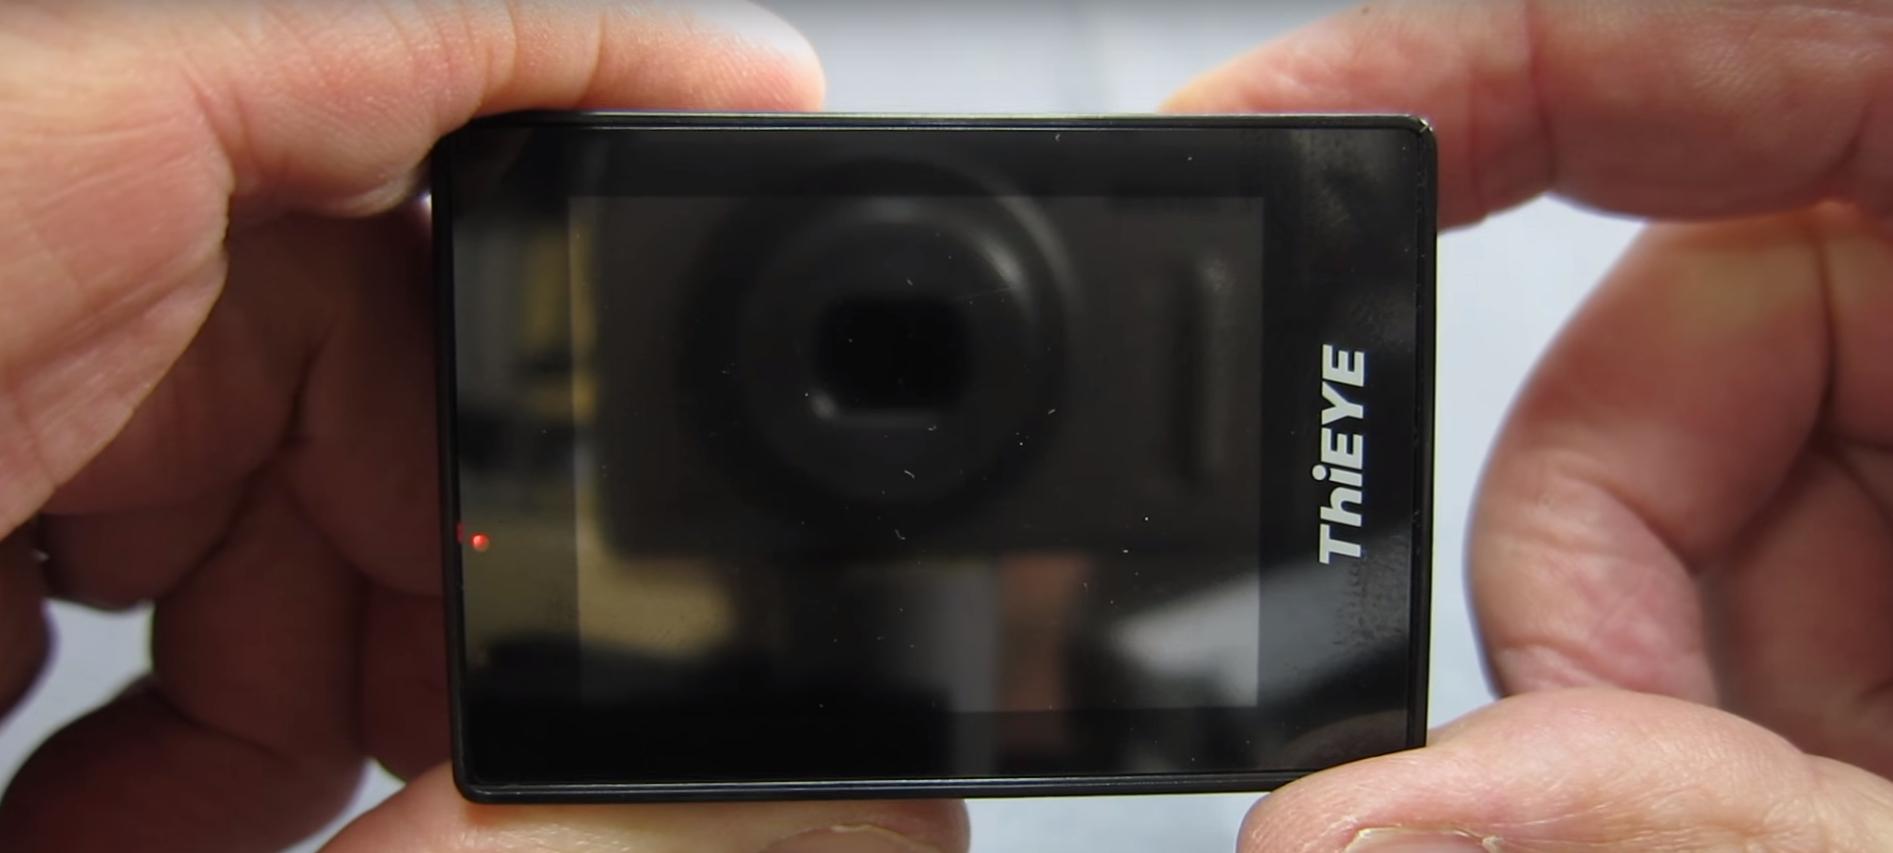 Камеры для съемки 4К видео в 2019 году - выбираем лучшую для самых разнообразных целей